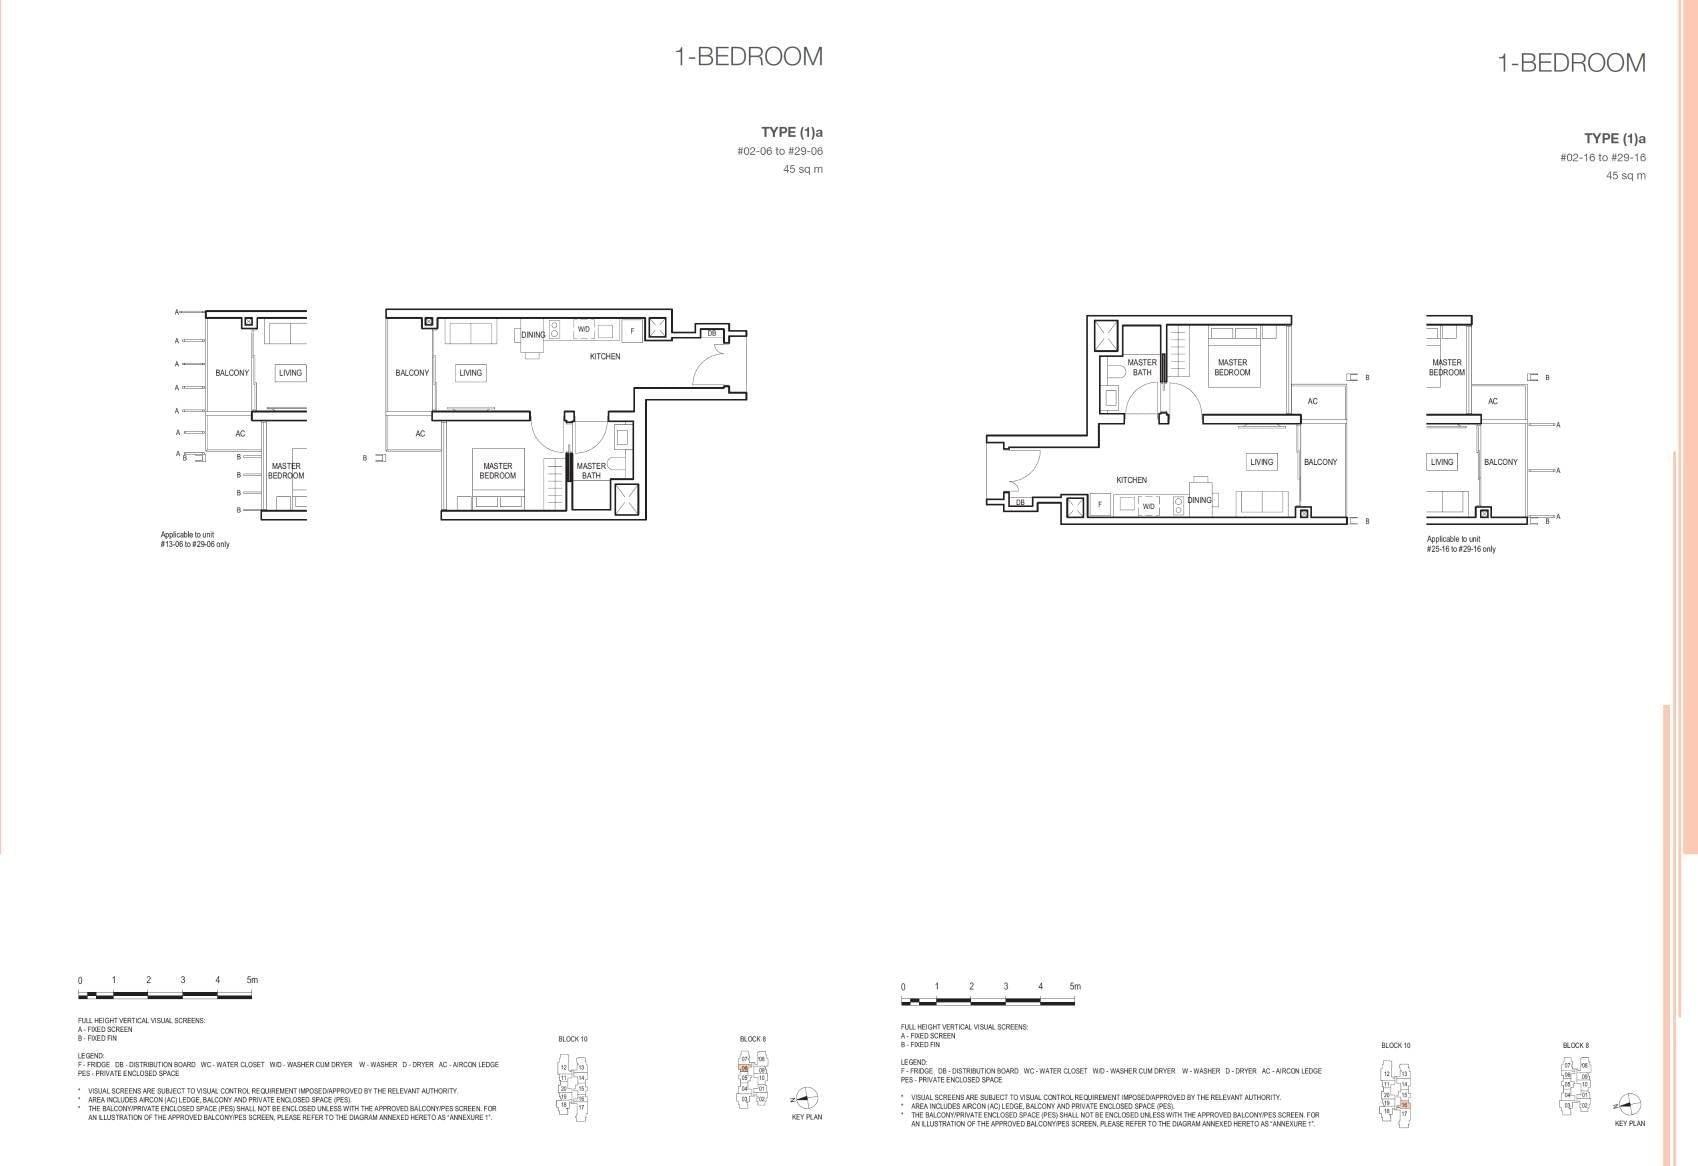 Midwood Midwood Floorplan 1a